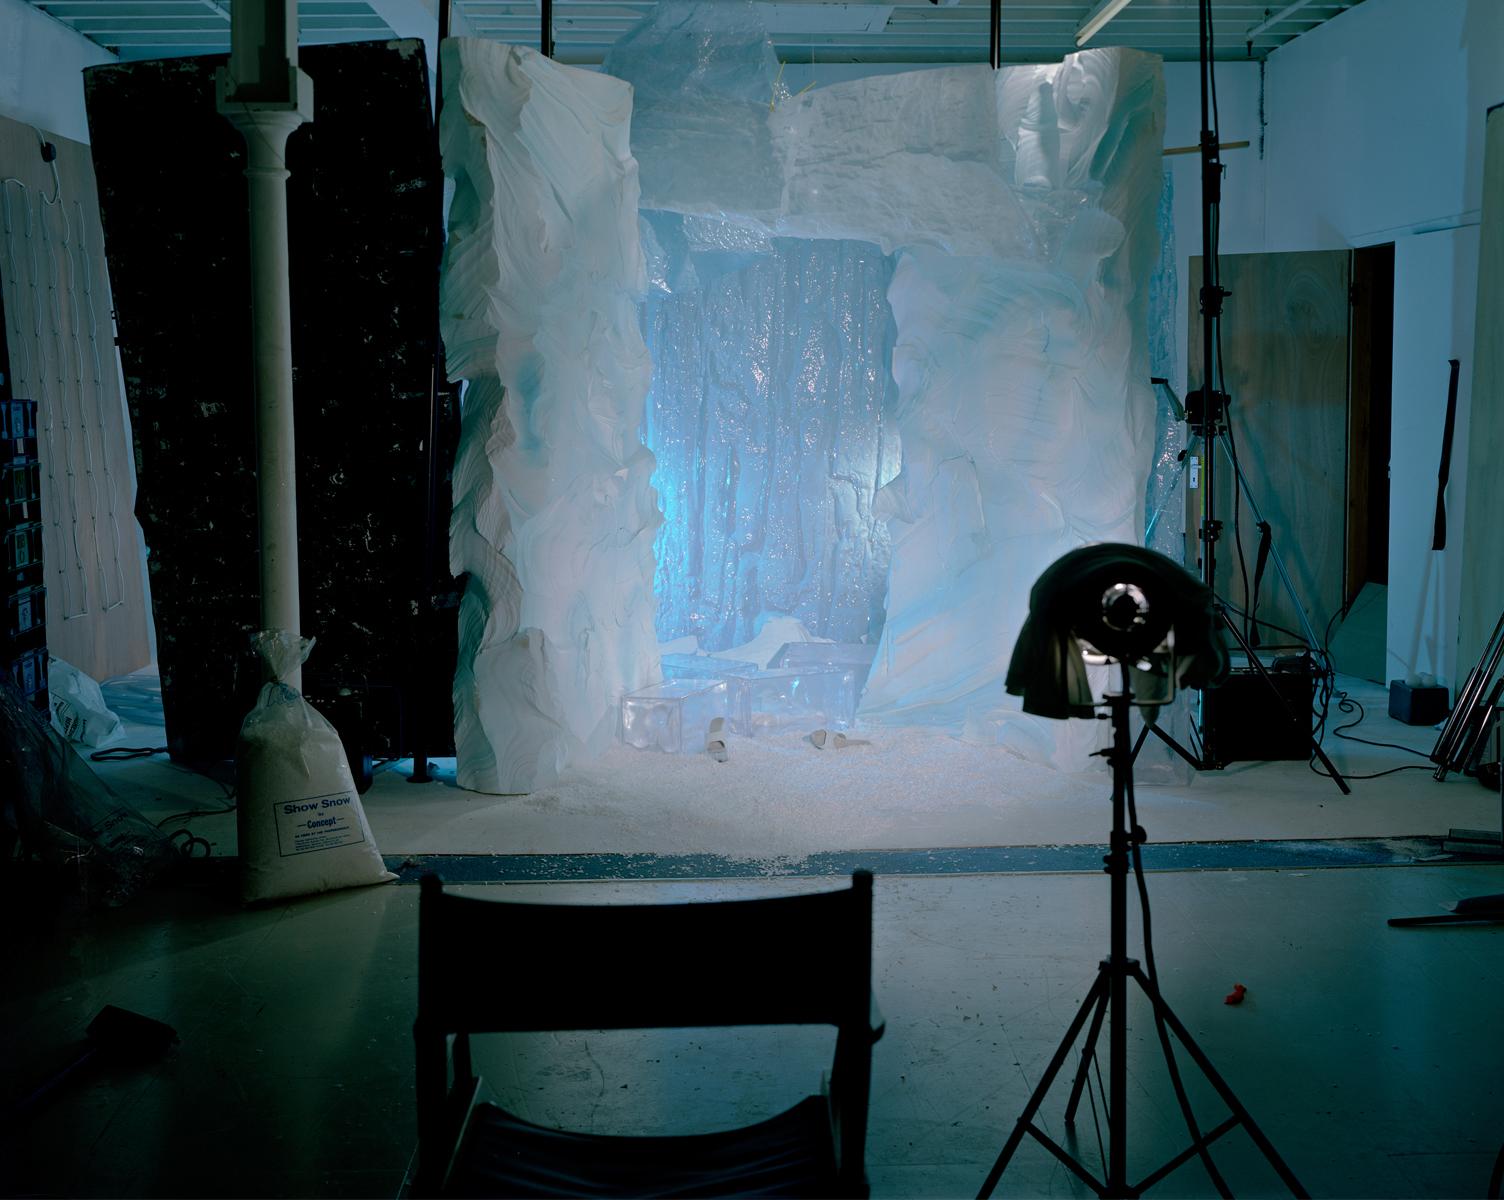 Сцена с ледяной пещерой. «Будучи уборщицей, я видела съемочные площадки в холодном свете дня. Уборка